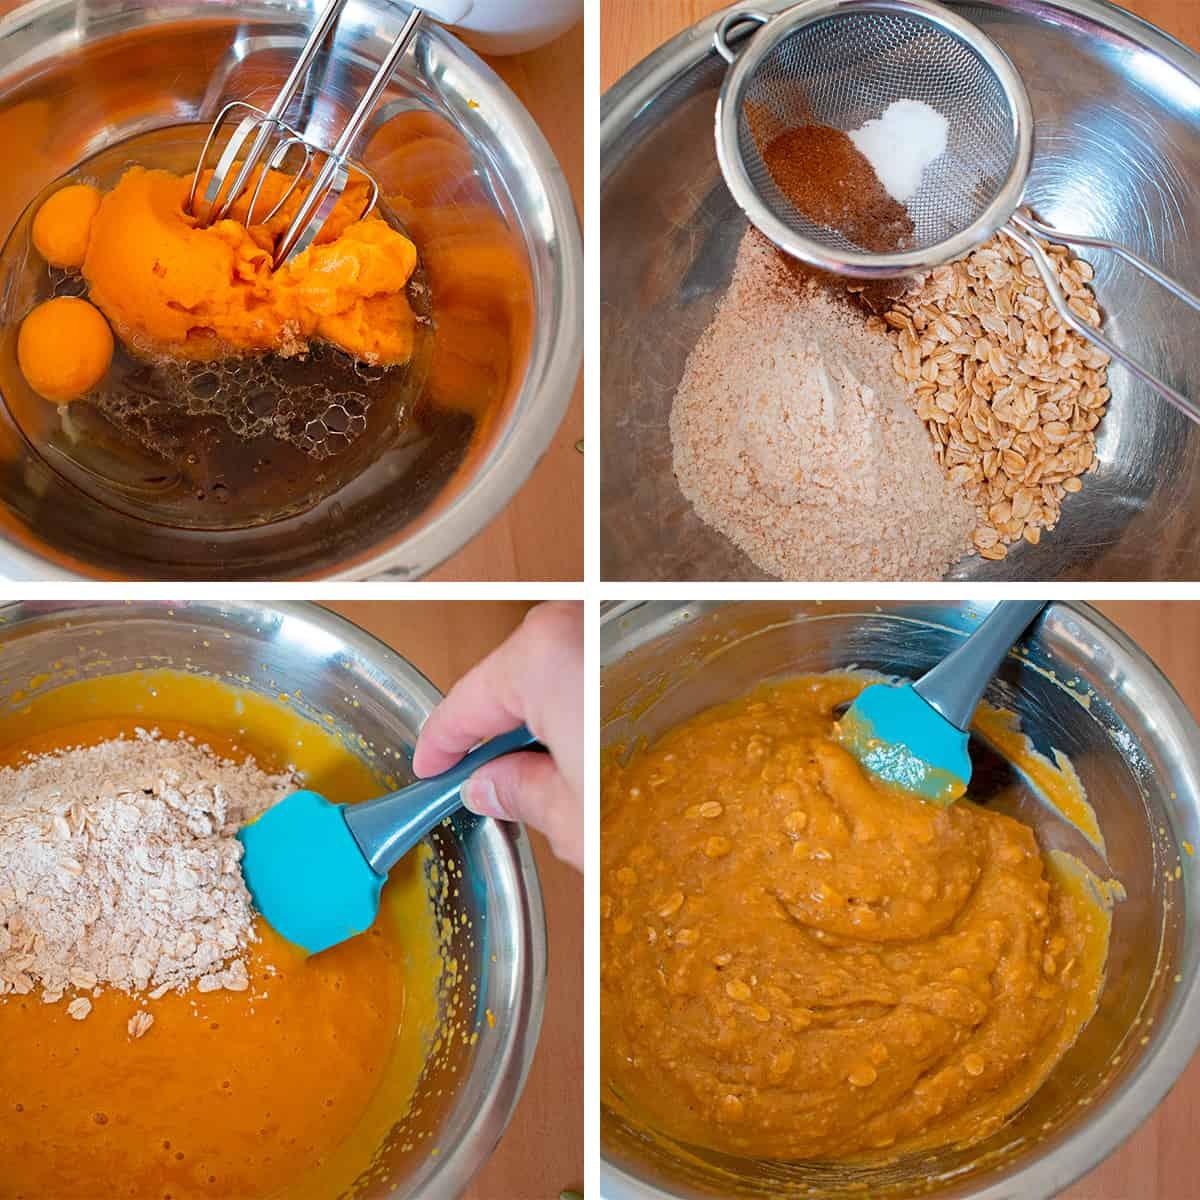 receta paso a paso para preparar muffins de calabaza y avena